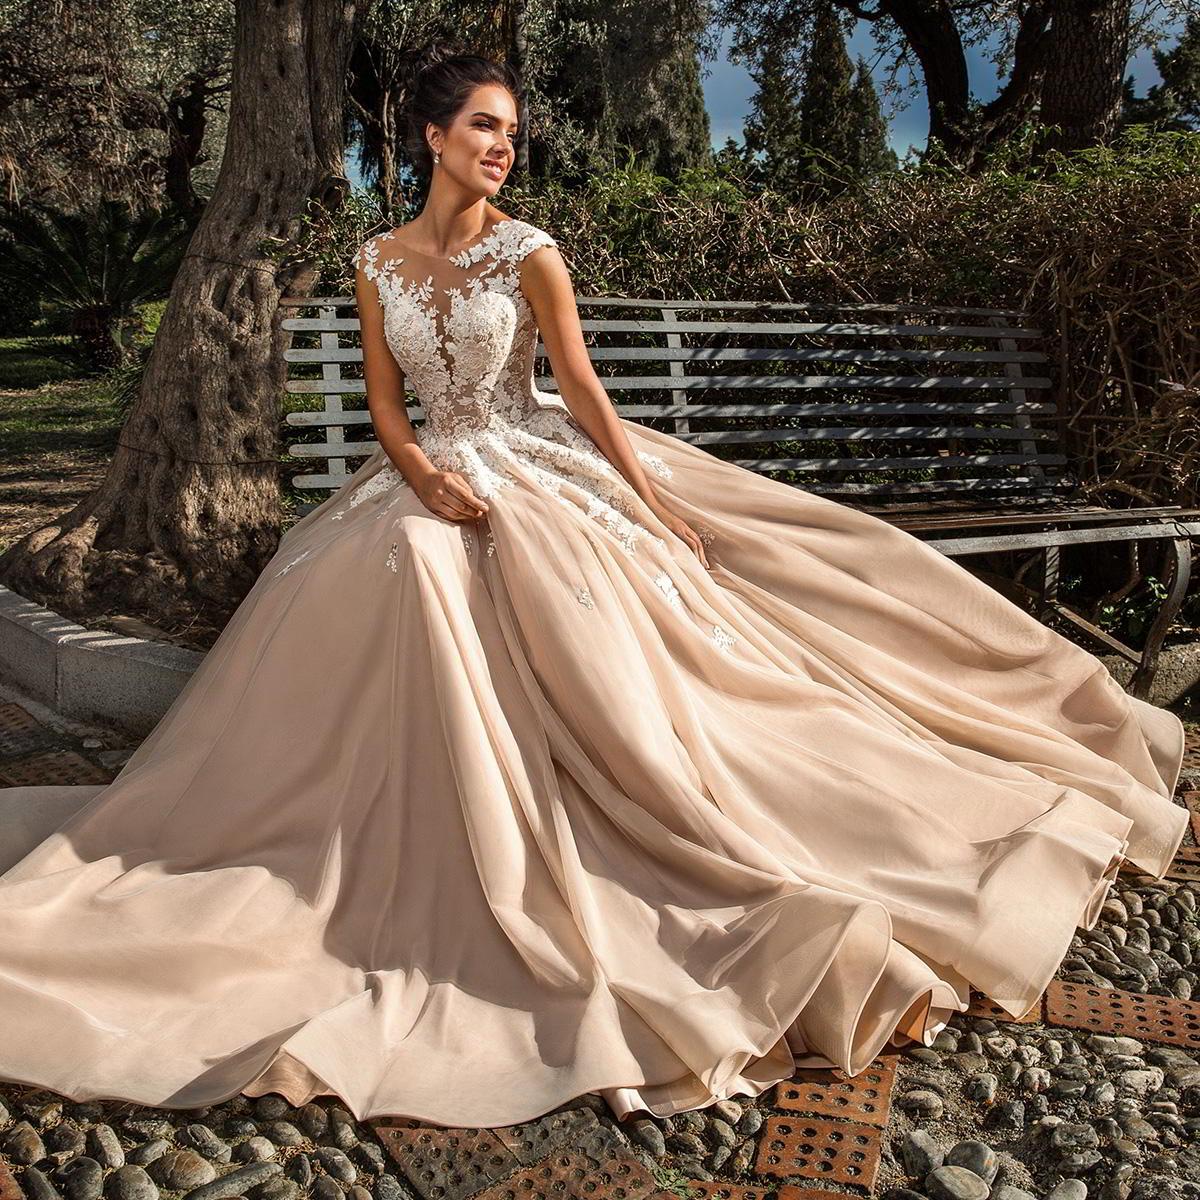 f215c762c4 Innocentia 2019 Wedding Dresses ·